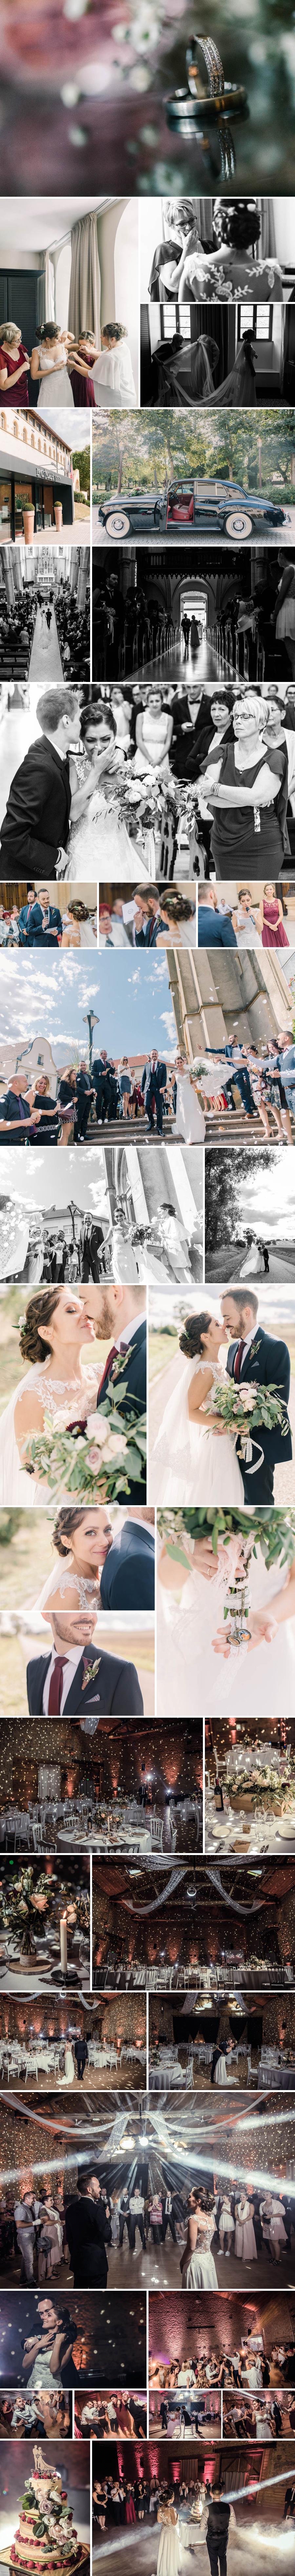 mariage domaine de raville photographe